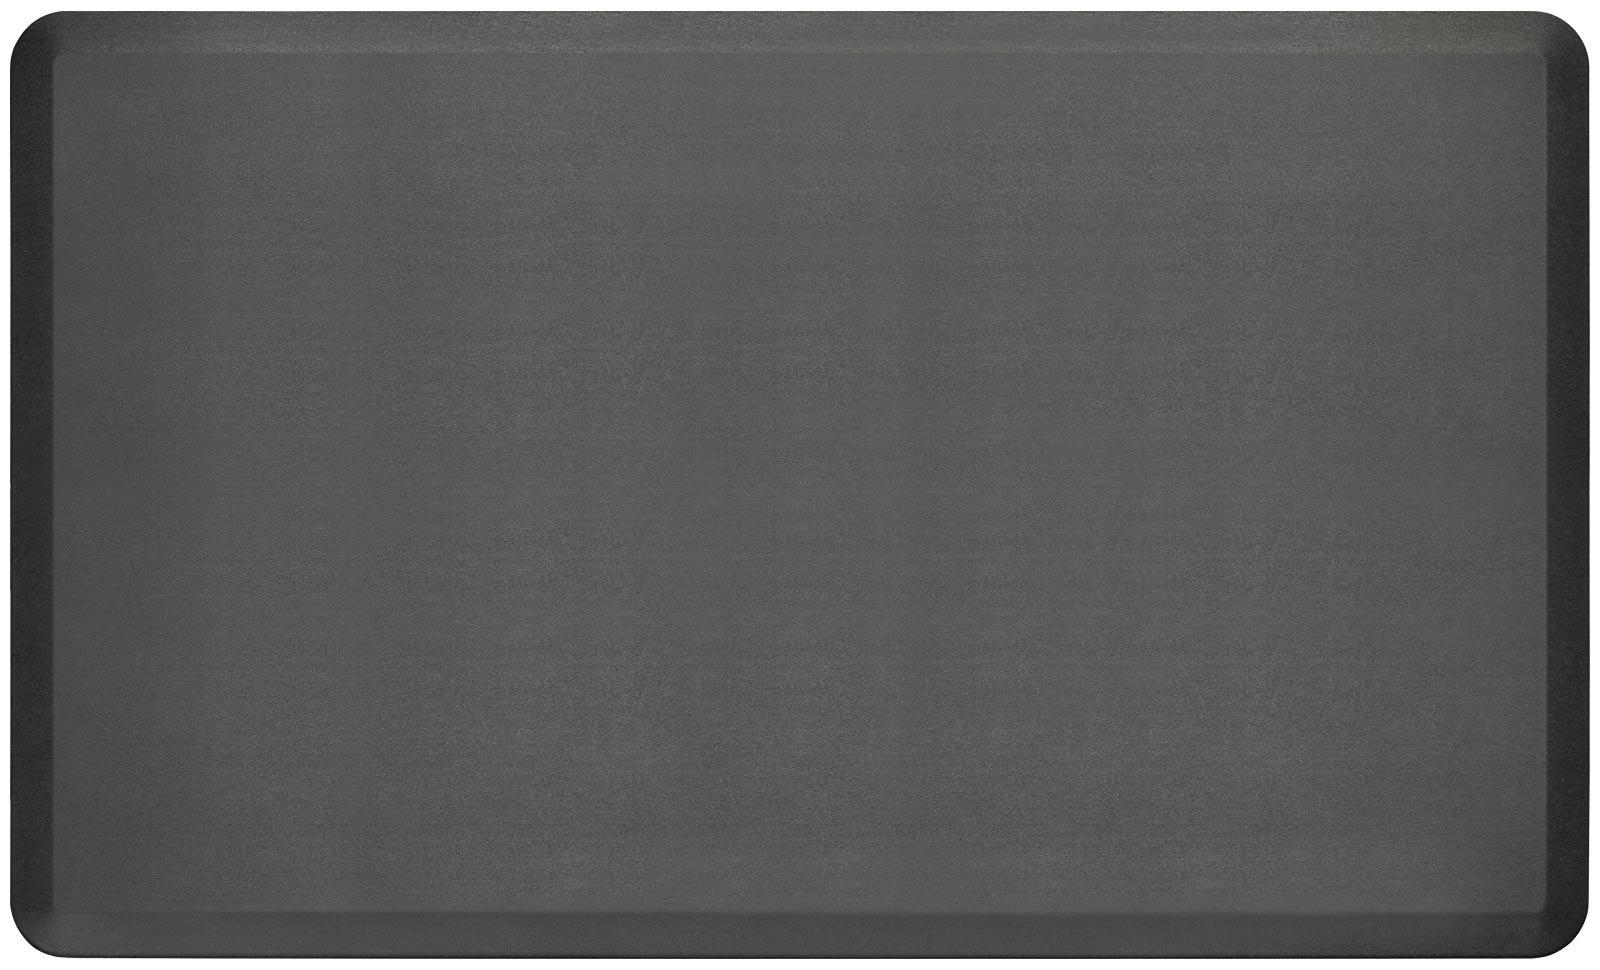 NewLife Eco-Pro Medical Anti-Fatigue Floor Mat - Size 36